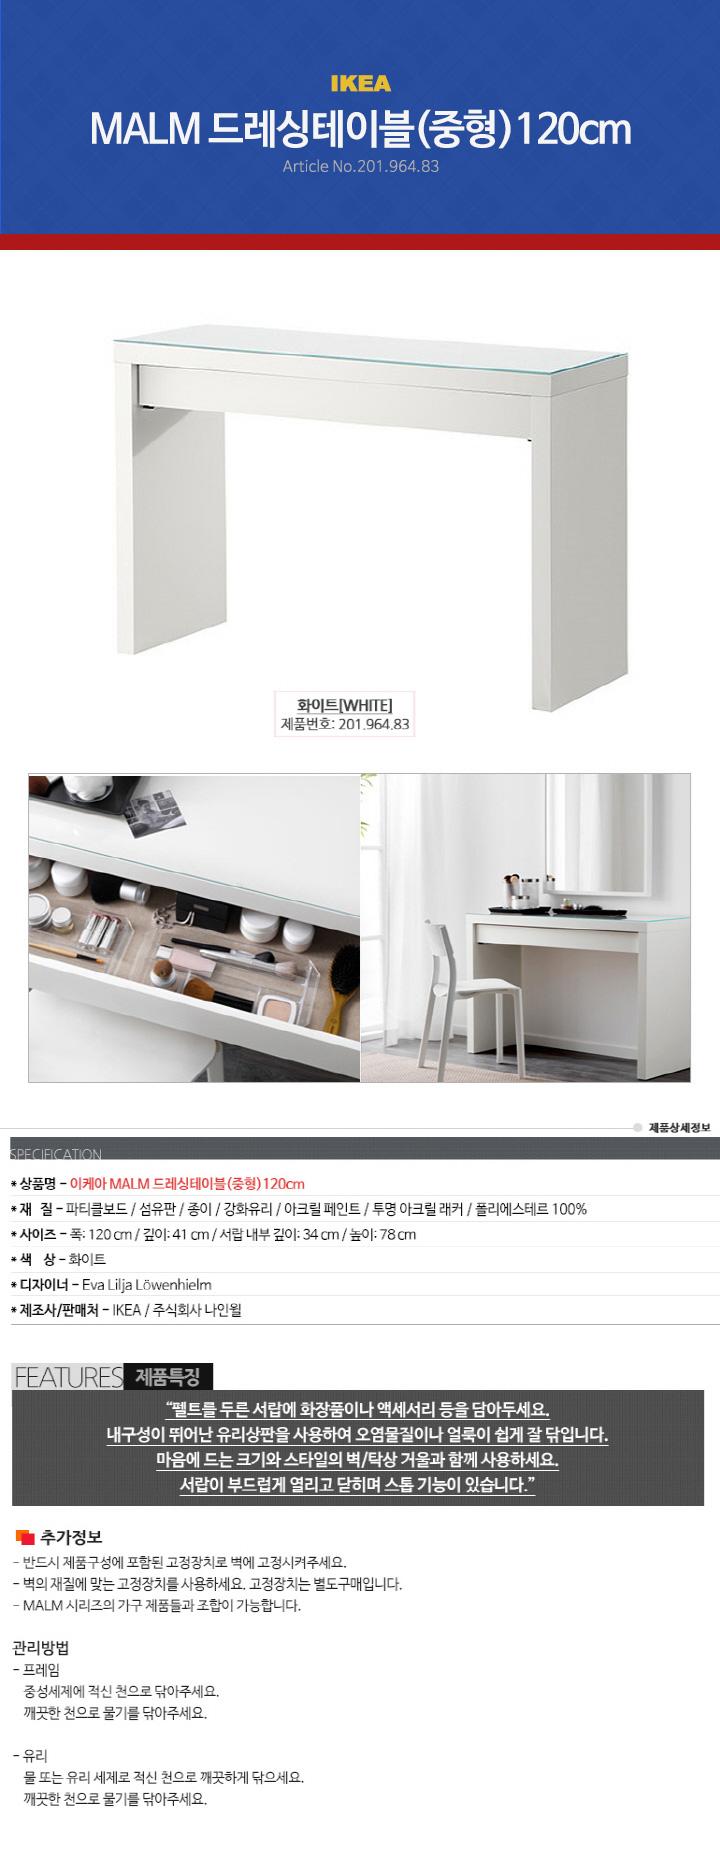 이케아 MALM 드레싱테이블(중형)120cm - YES24